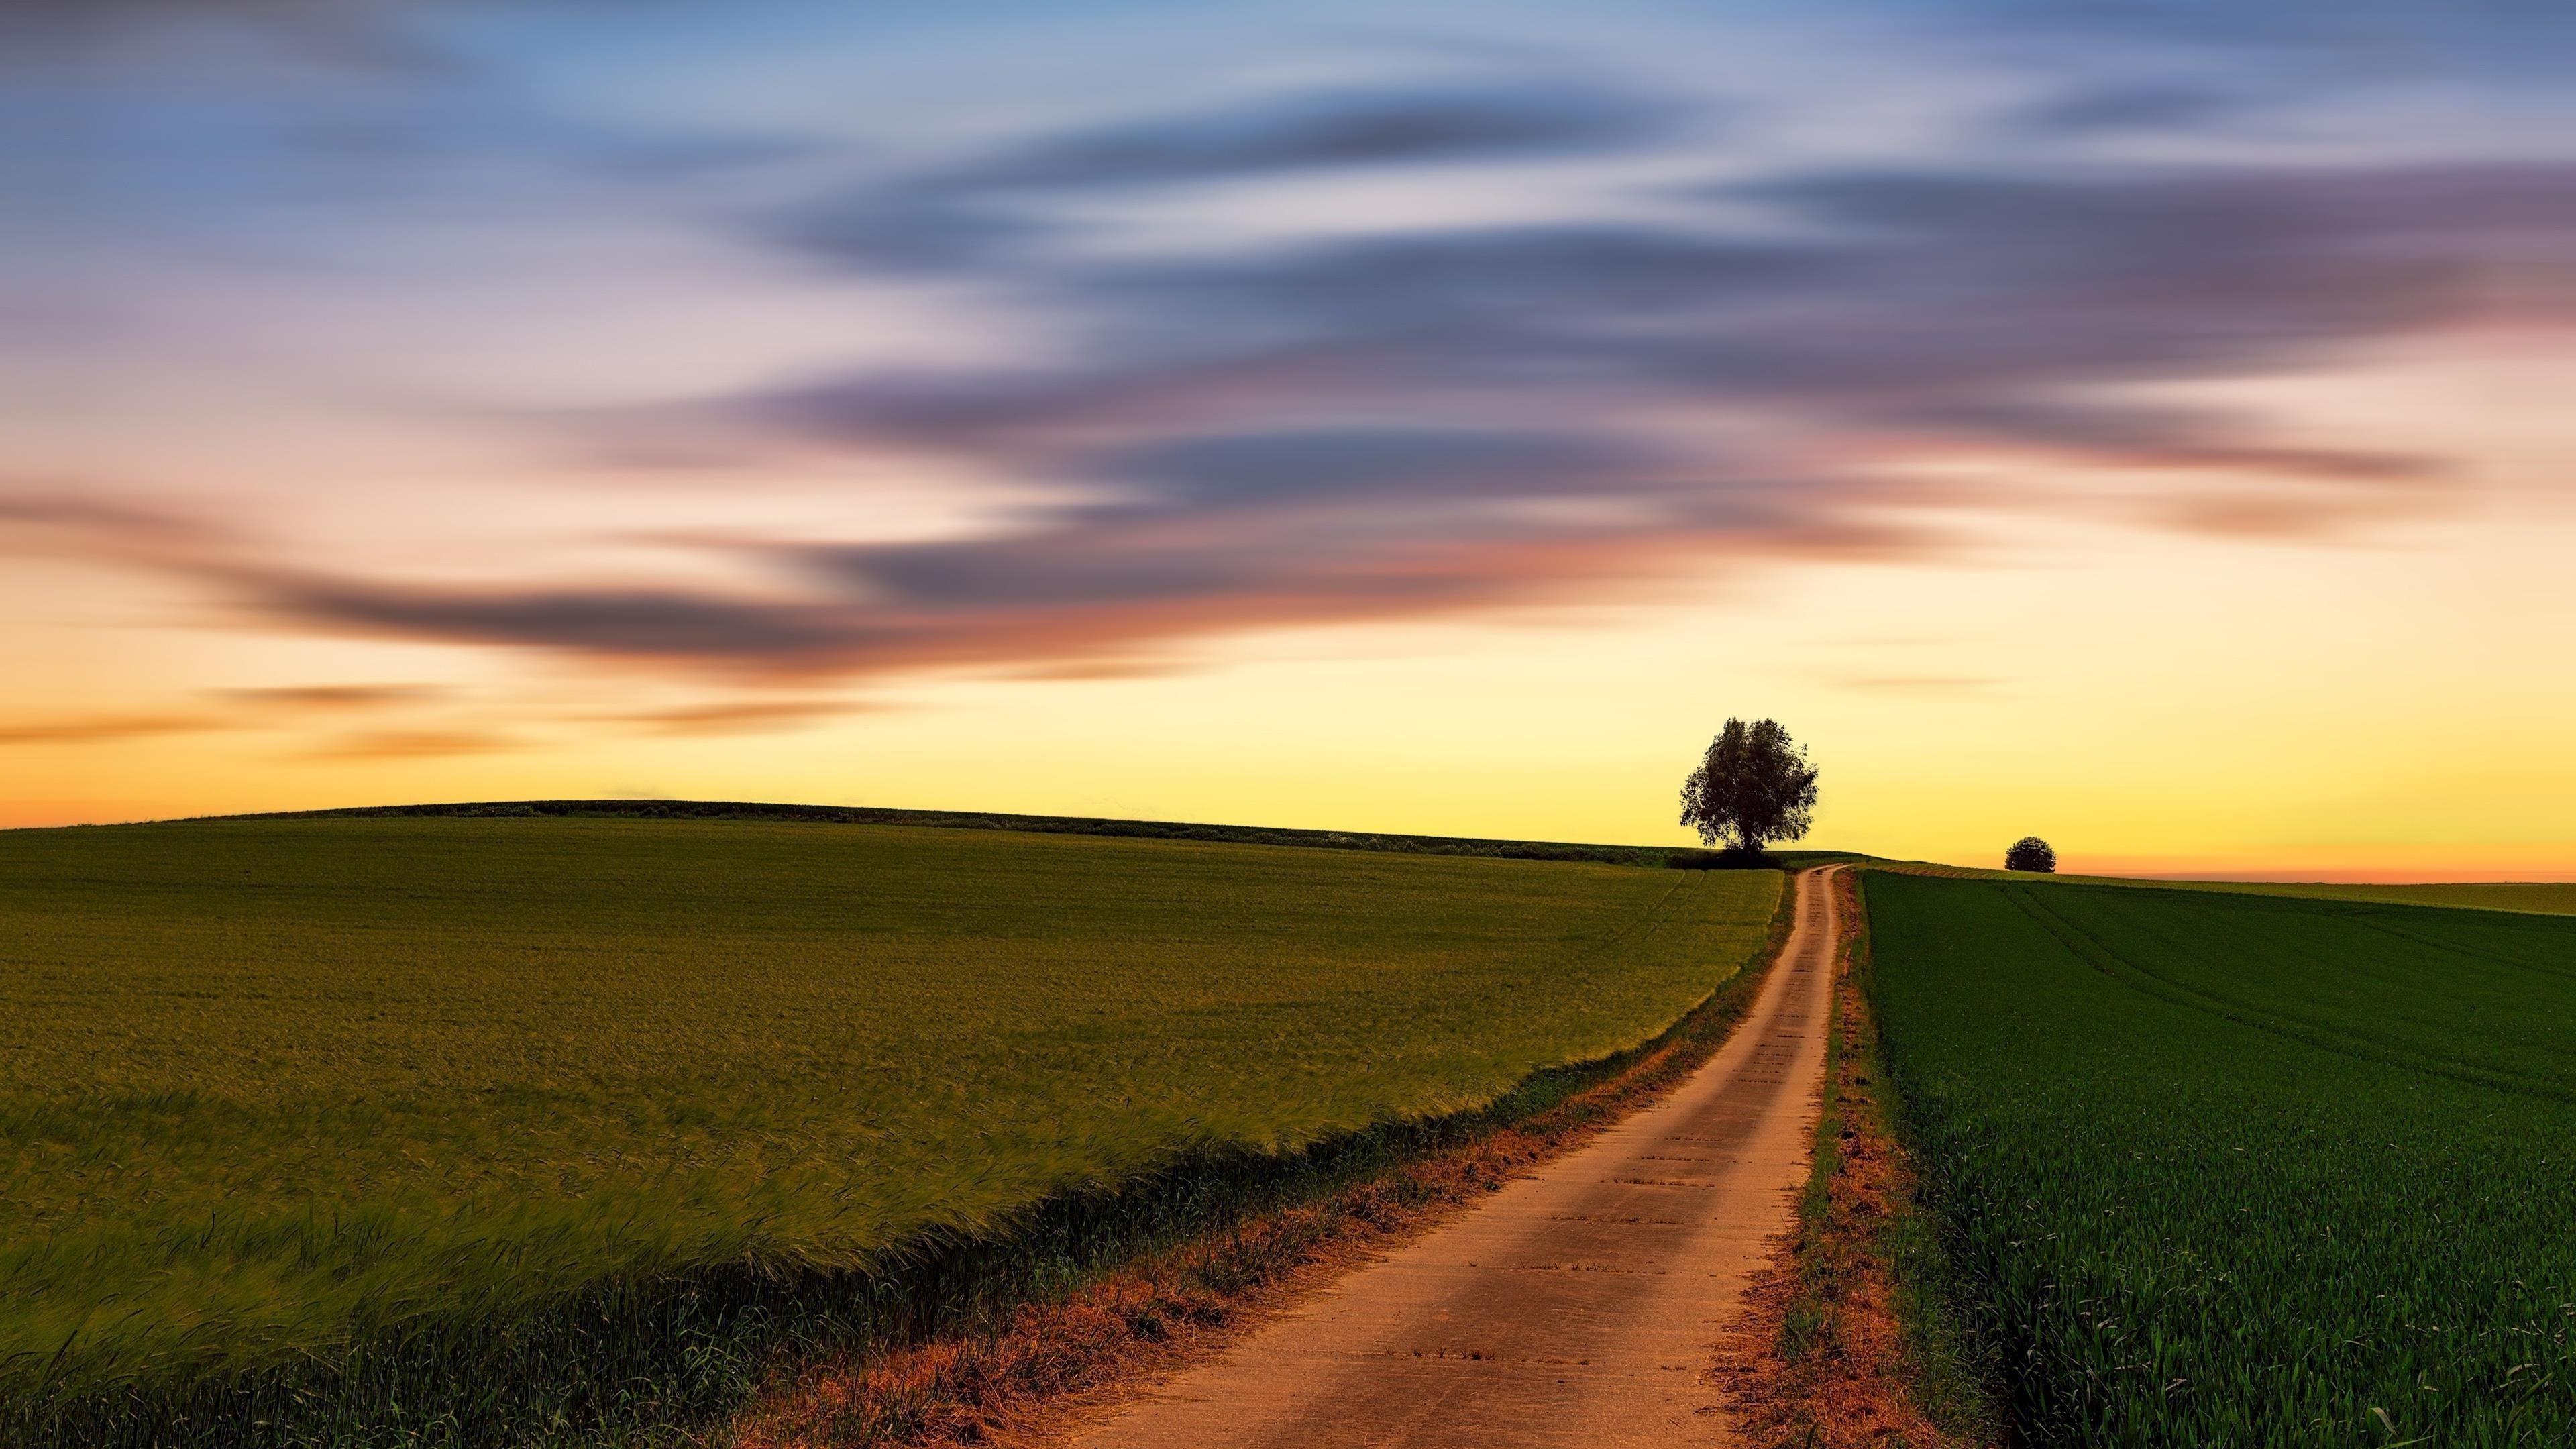 Песчаная дорожка между зеленой травой под черным облачным небом природа обои скачать